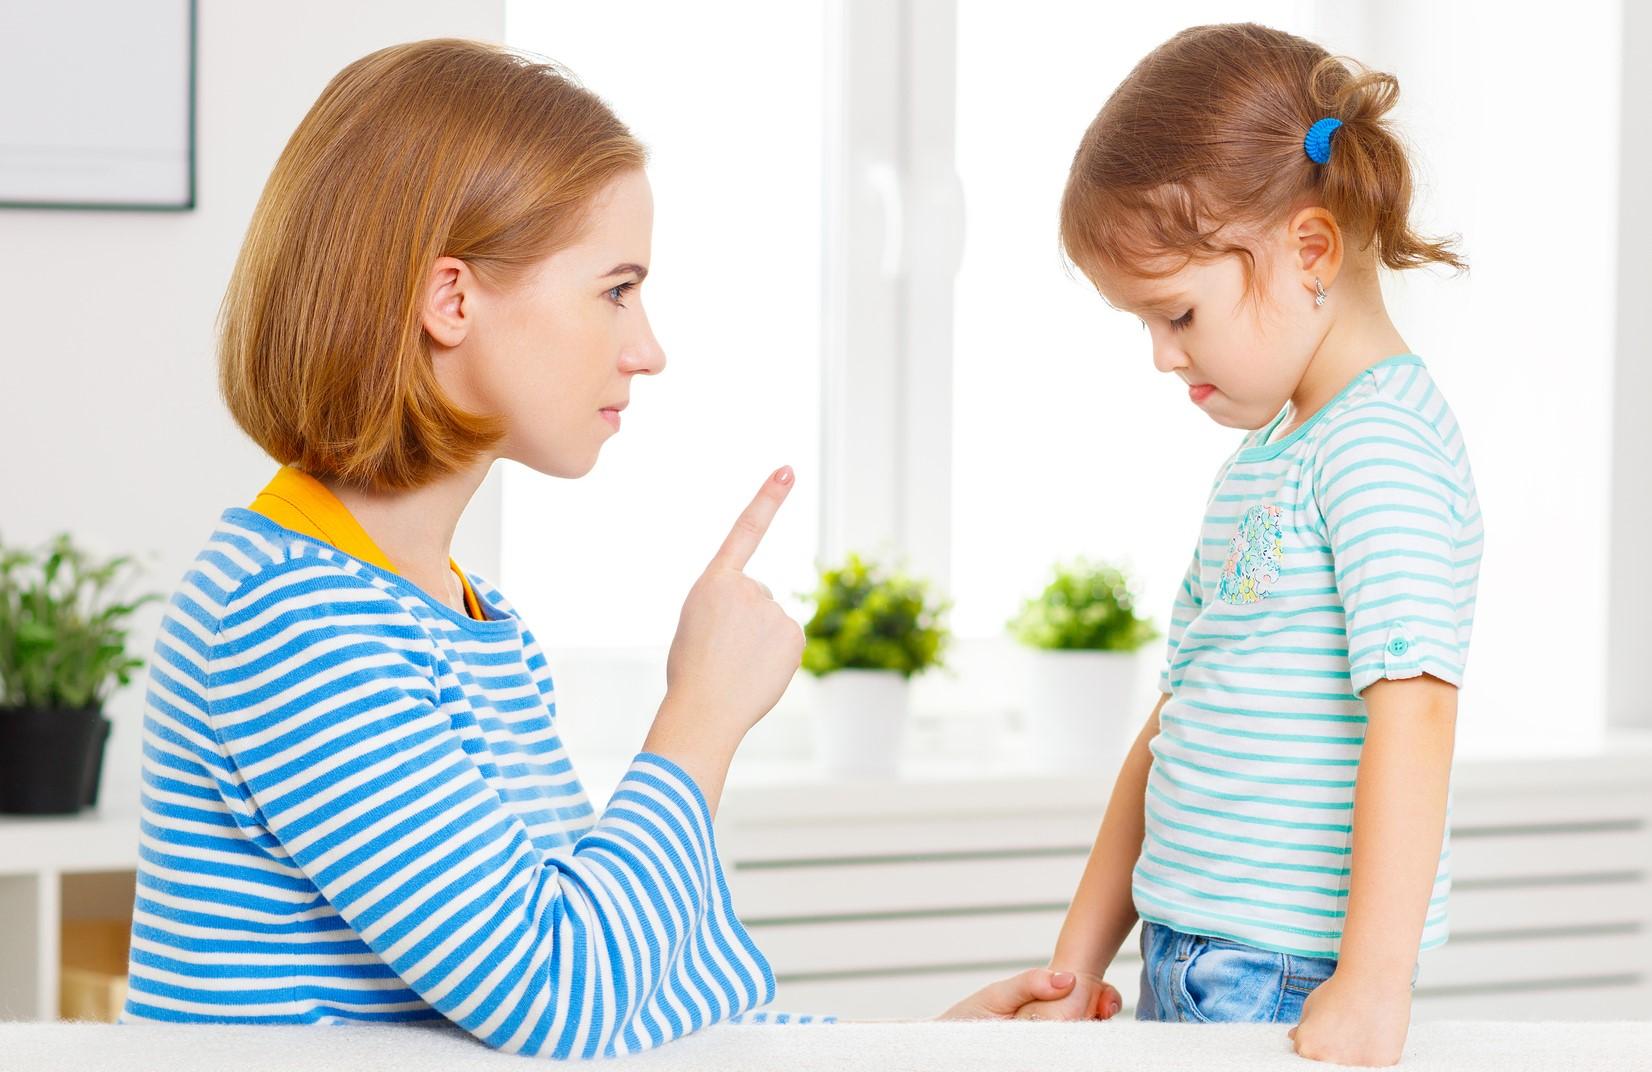 Почему нельзя делать замечание чужому ребенку